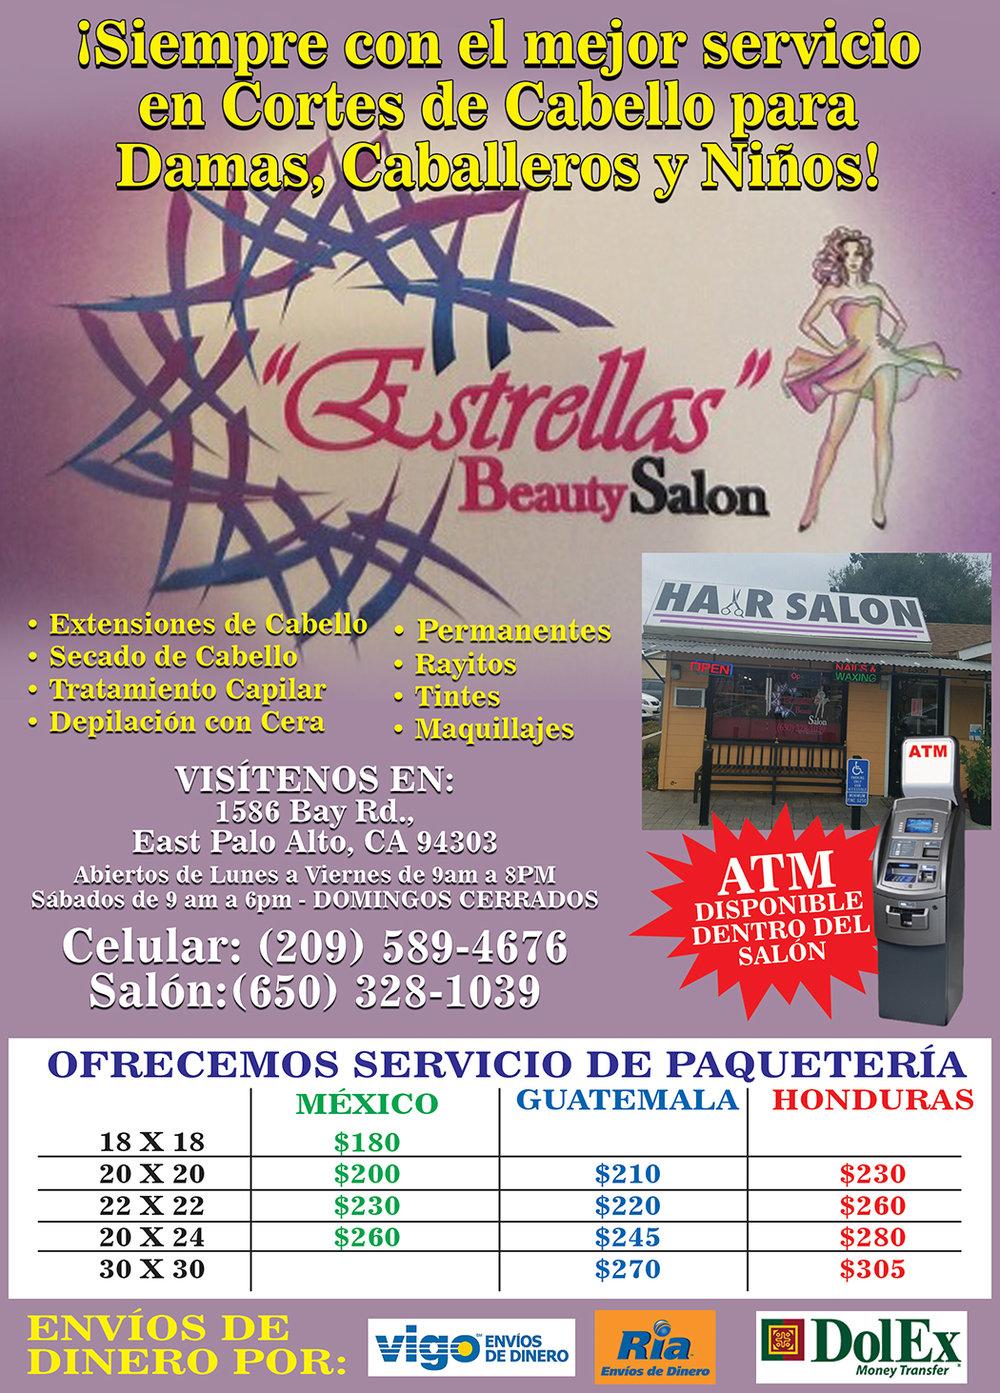 Estrellas Beauty Salon 1 Pag Glossy - Abril 2018.jpg